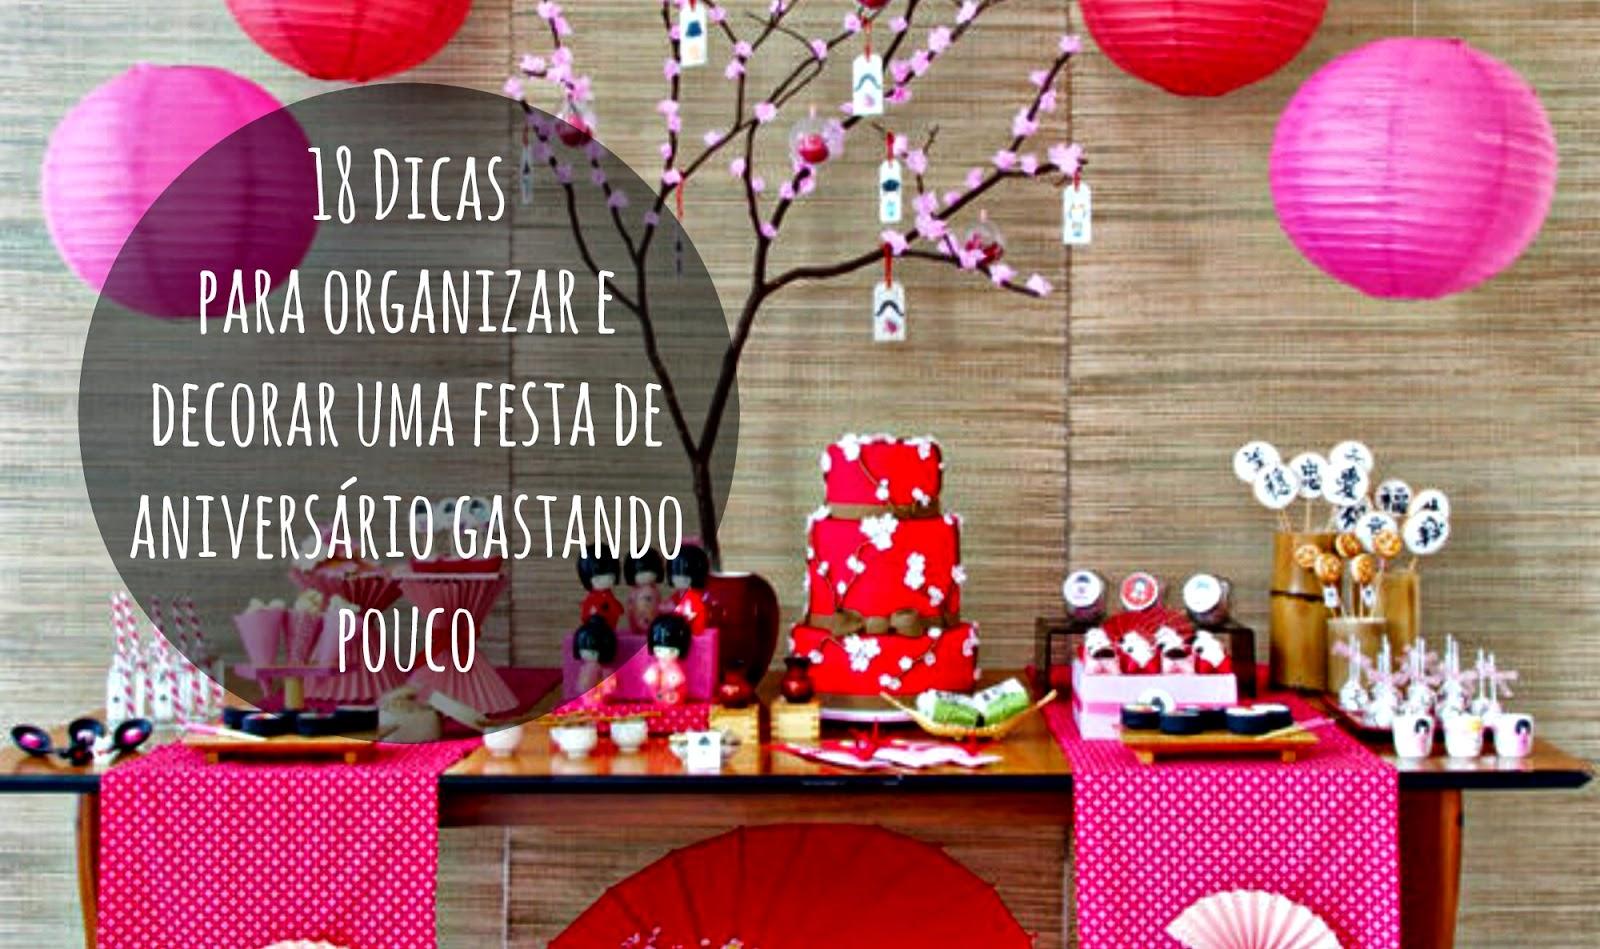 para organizar e decorar uma festa de aniversário gastando pouco